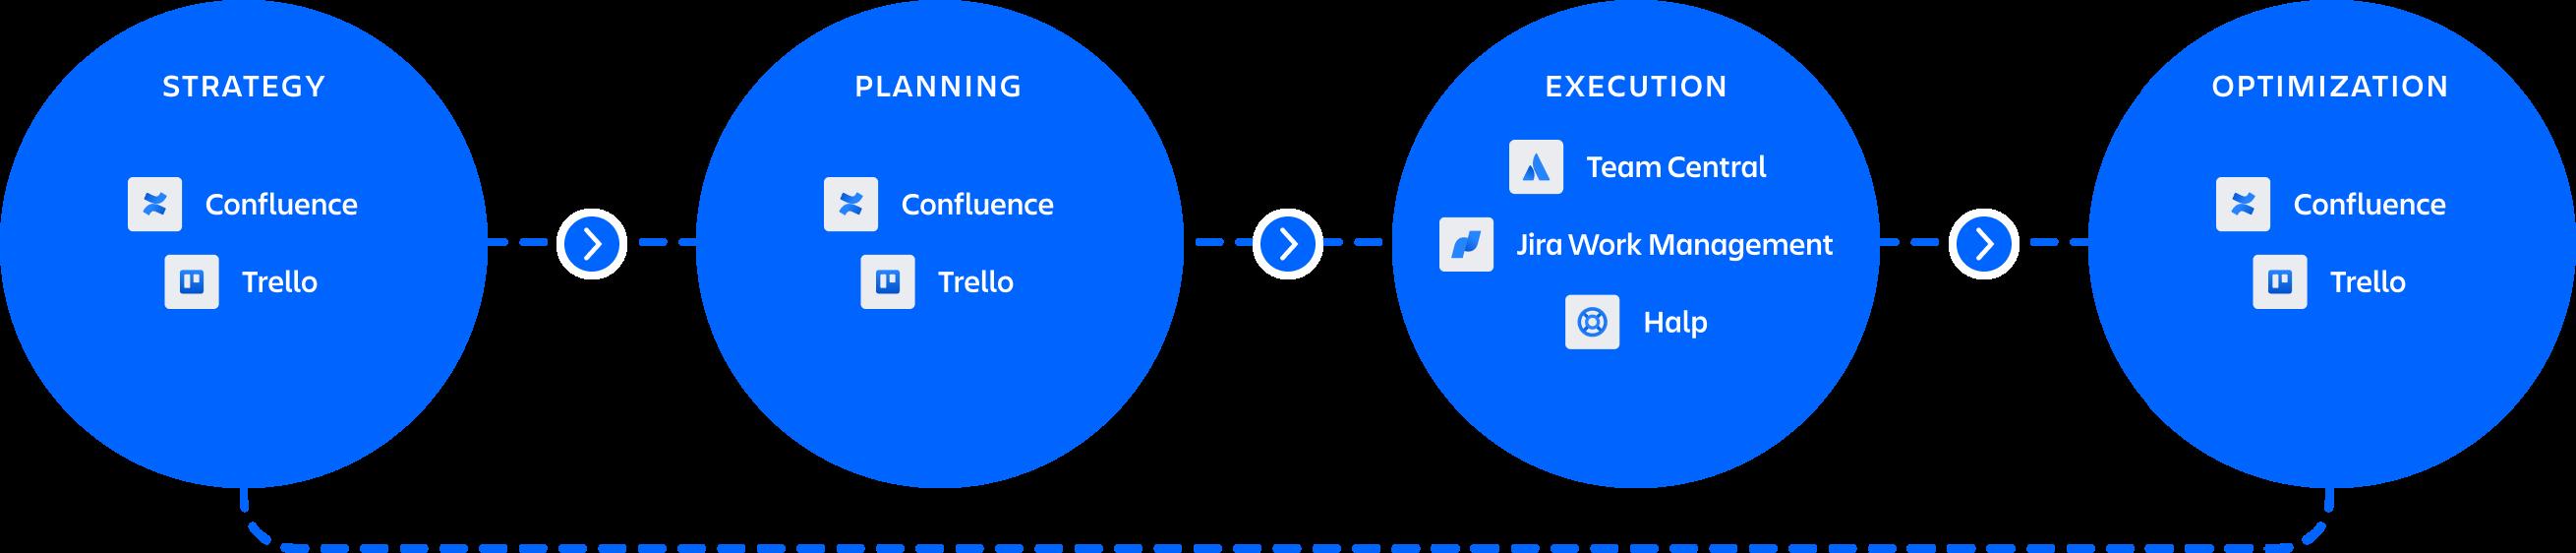 人材獲得のためのプロダクト: Confluence と Jira Work Management の研修プログラムのプロダクト: Trello と Jira Work Management のグラフィック